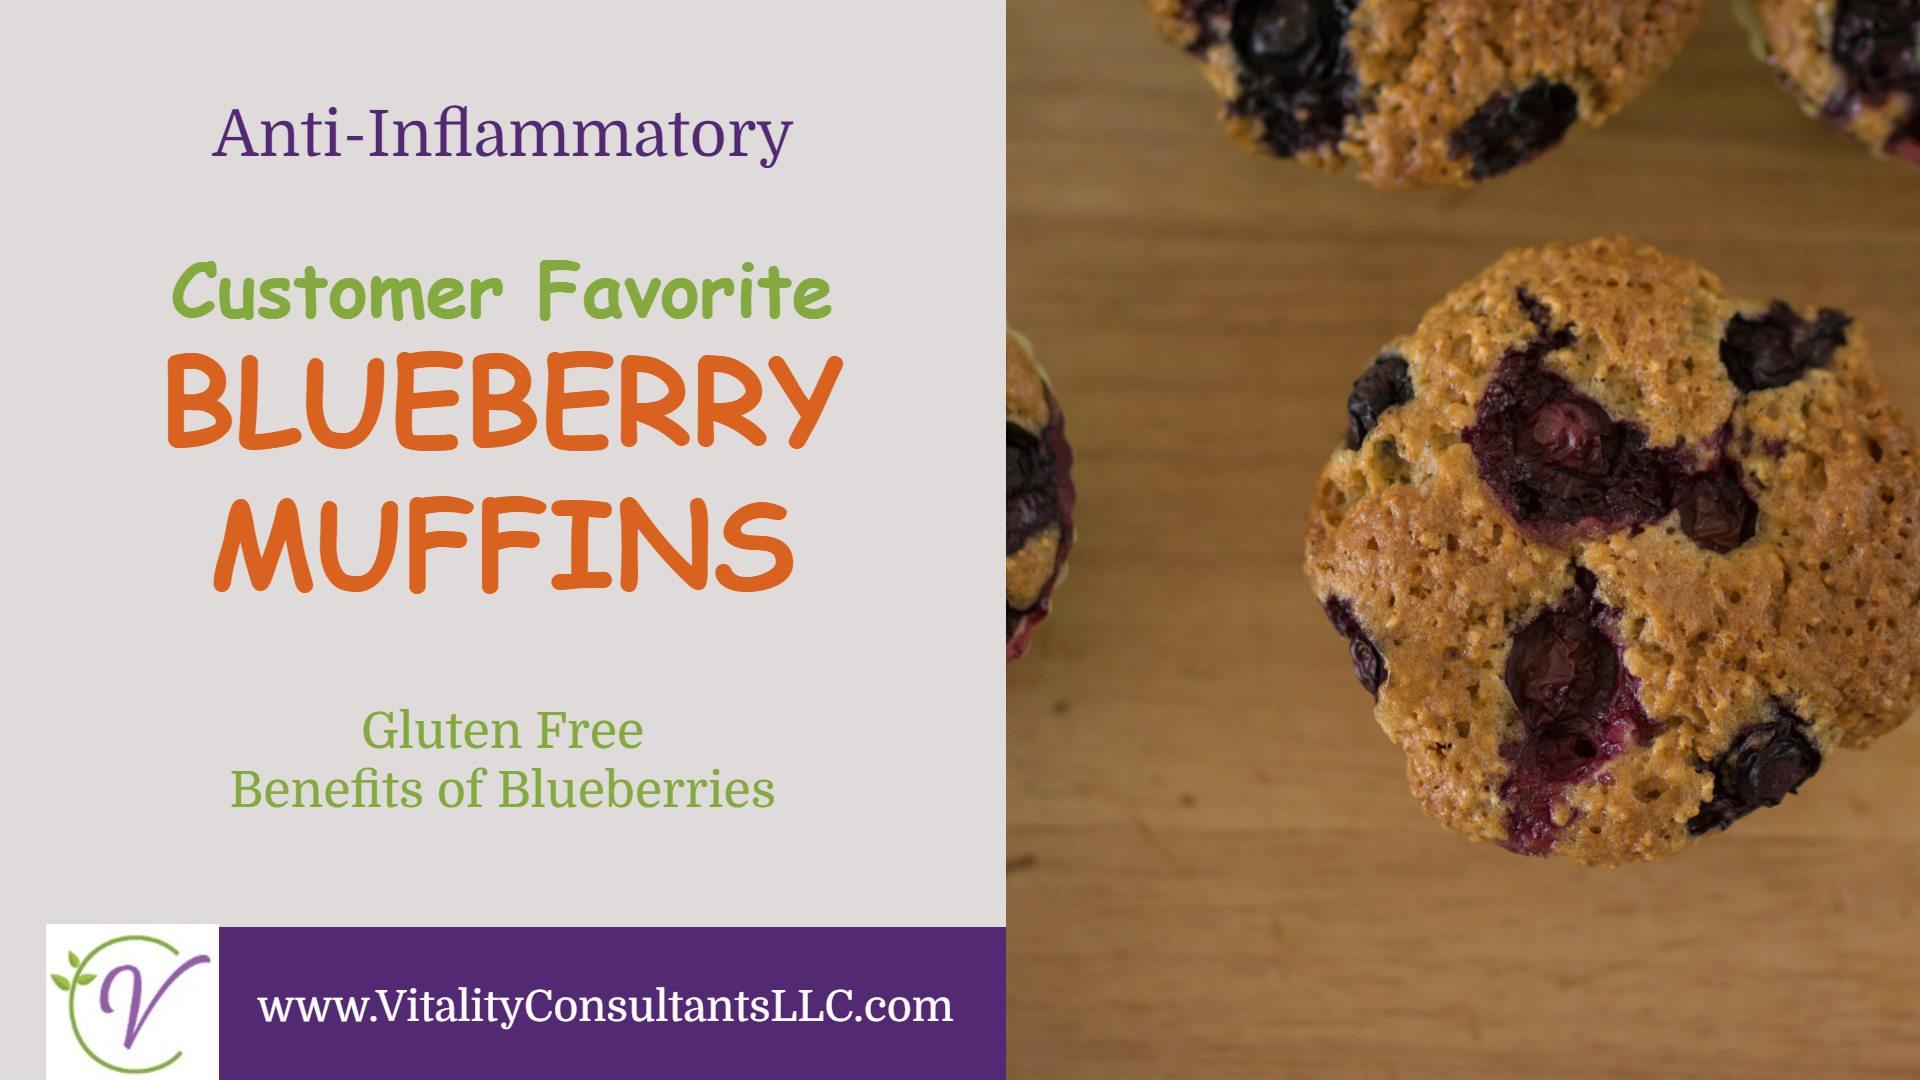 Anti-Inflammatory Blueberry Muffins